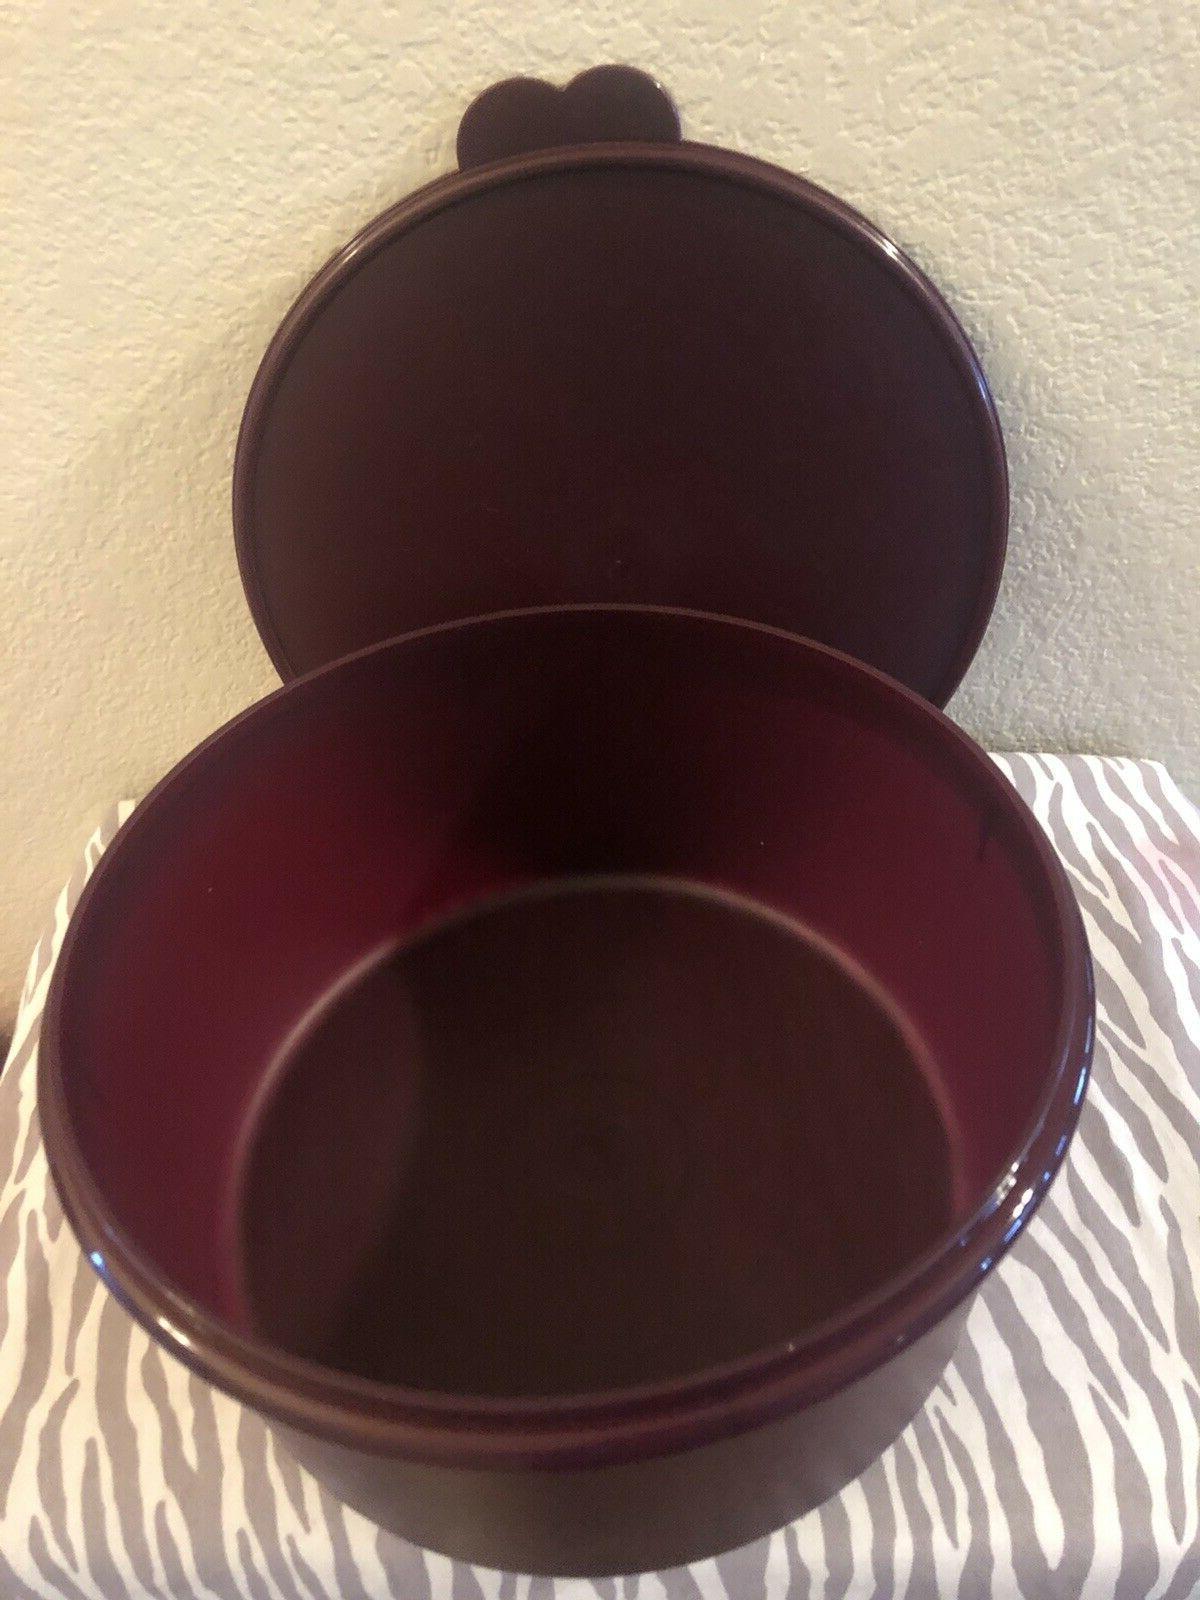 Tupperware Vintage / Food 42 Cups